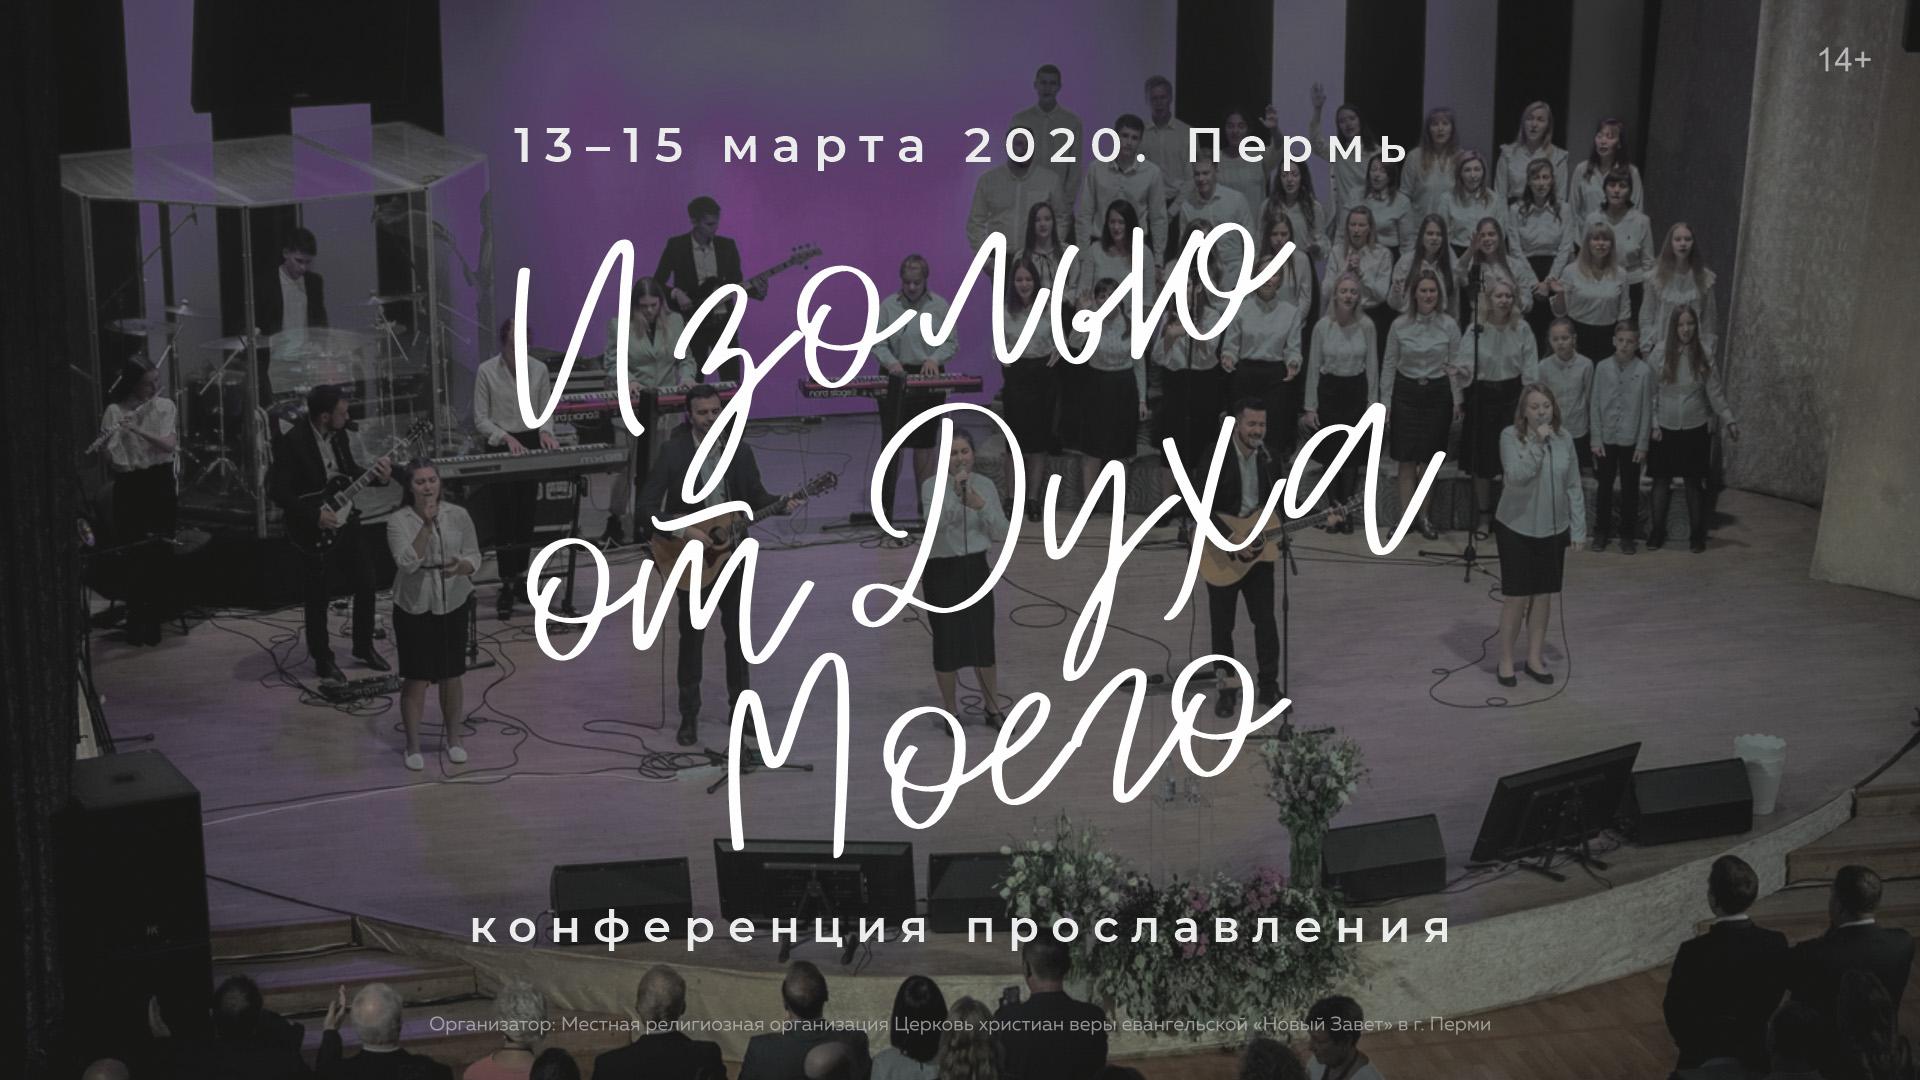 Конференция прославления пройдёт с 13 по 15 марта